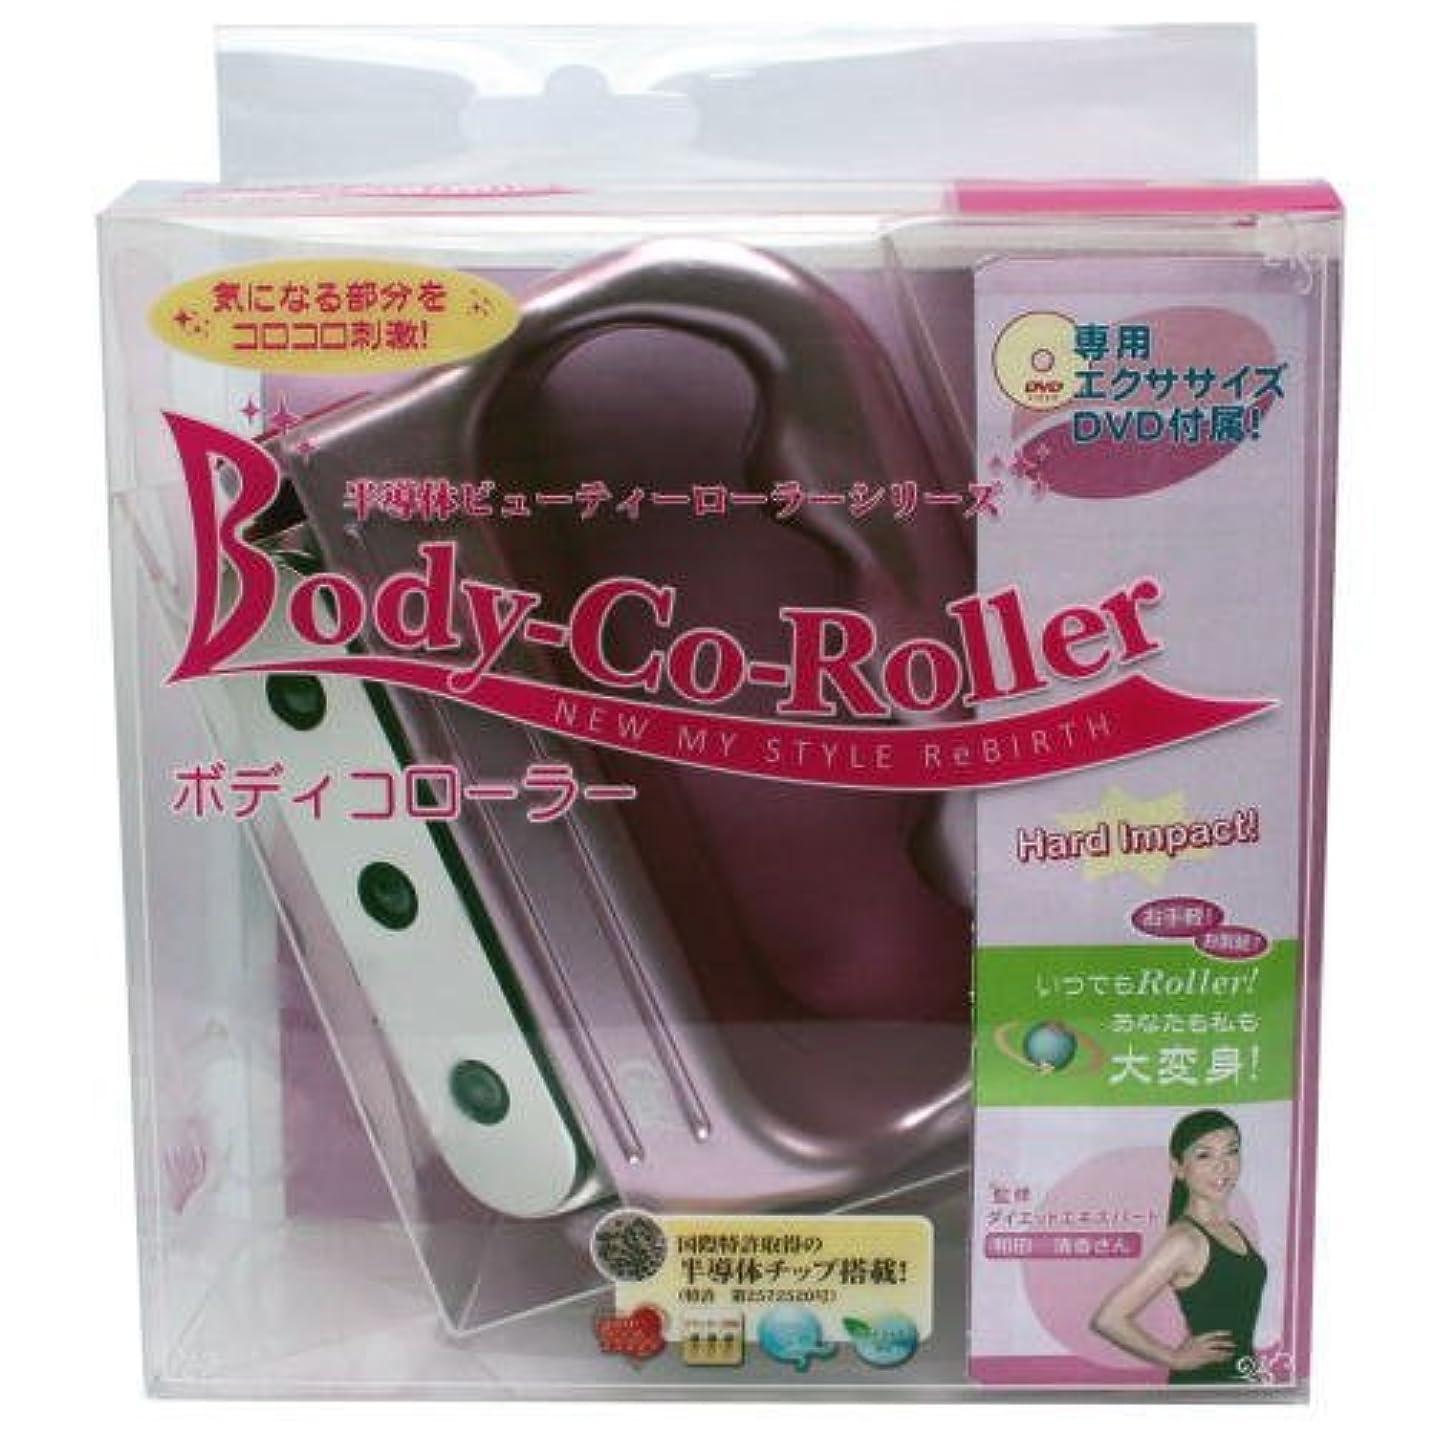 保険ライバルボディコローラー BCR-PS DVD付モデル